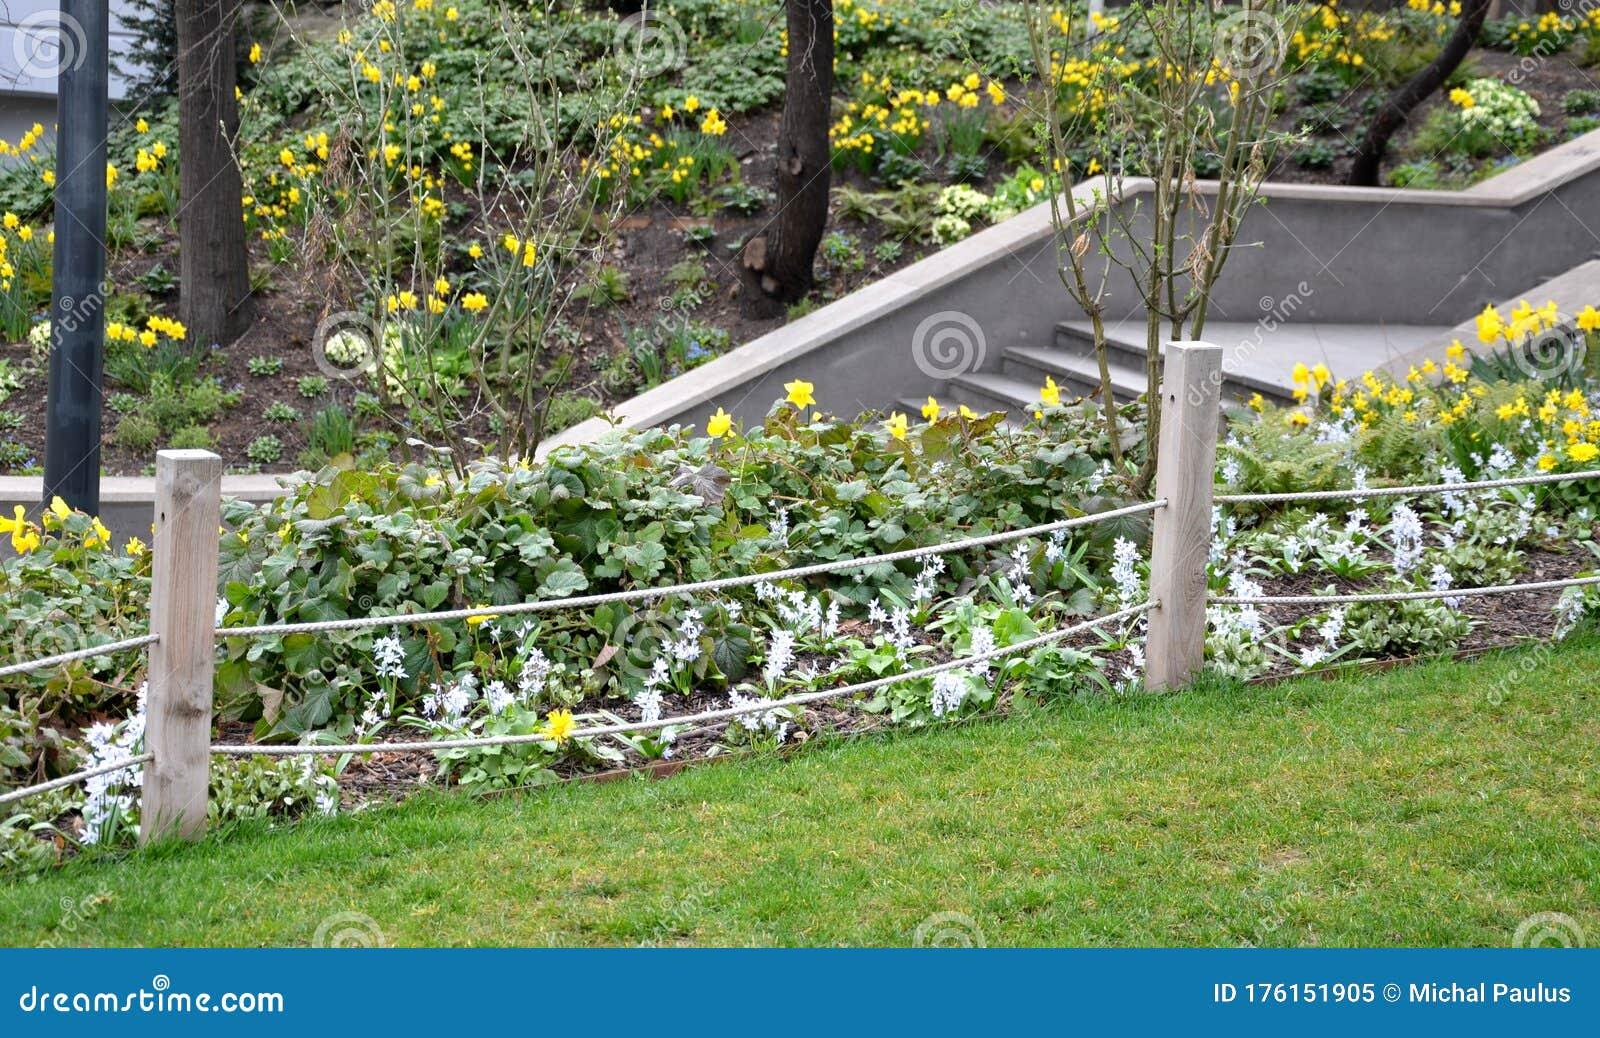 Flower Bed Narcissus Pseudonarcissus Granit Green Dark Trunks Gray